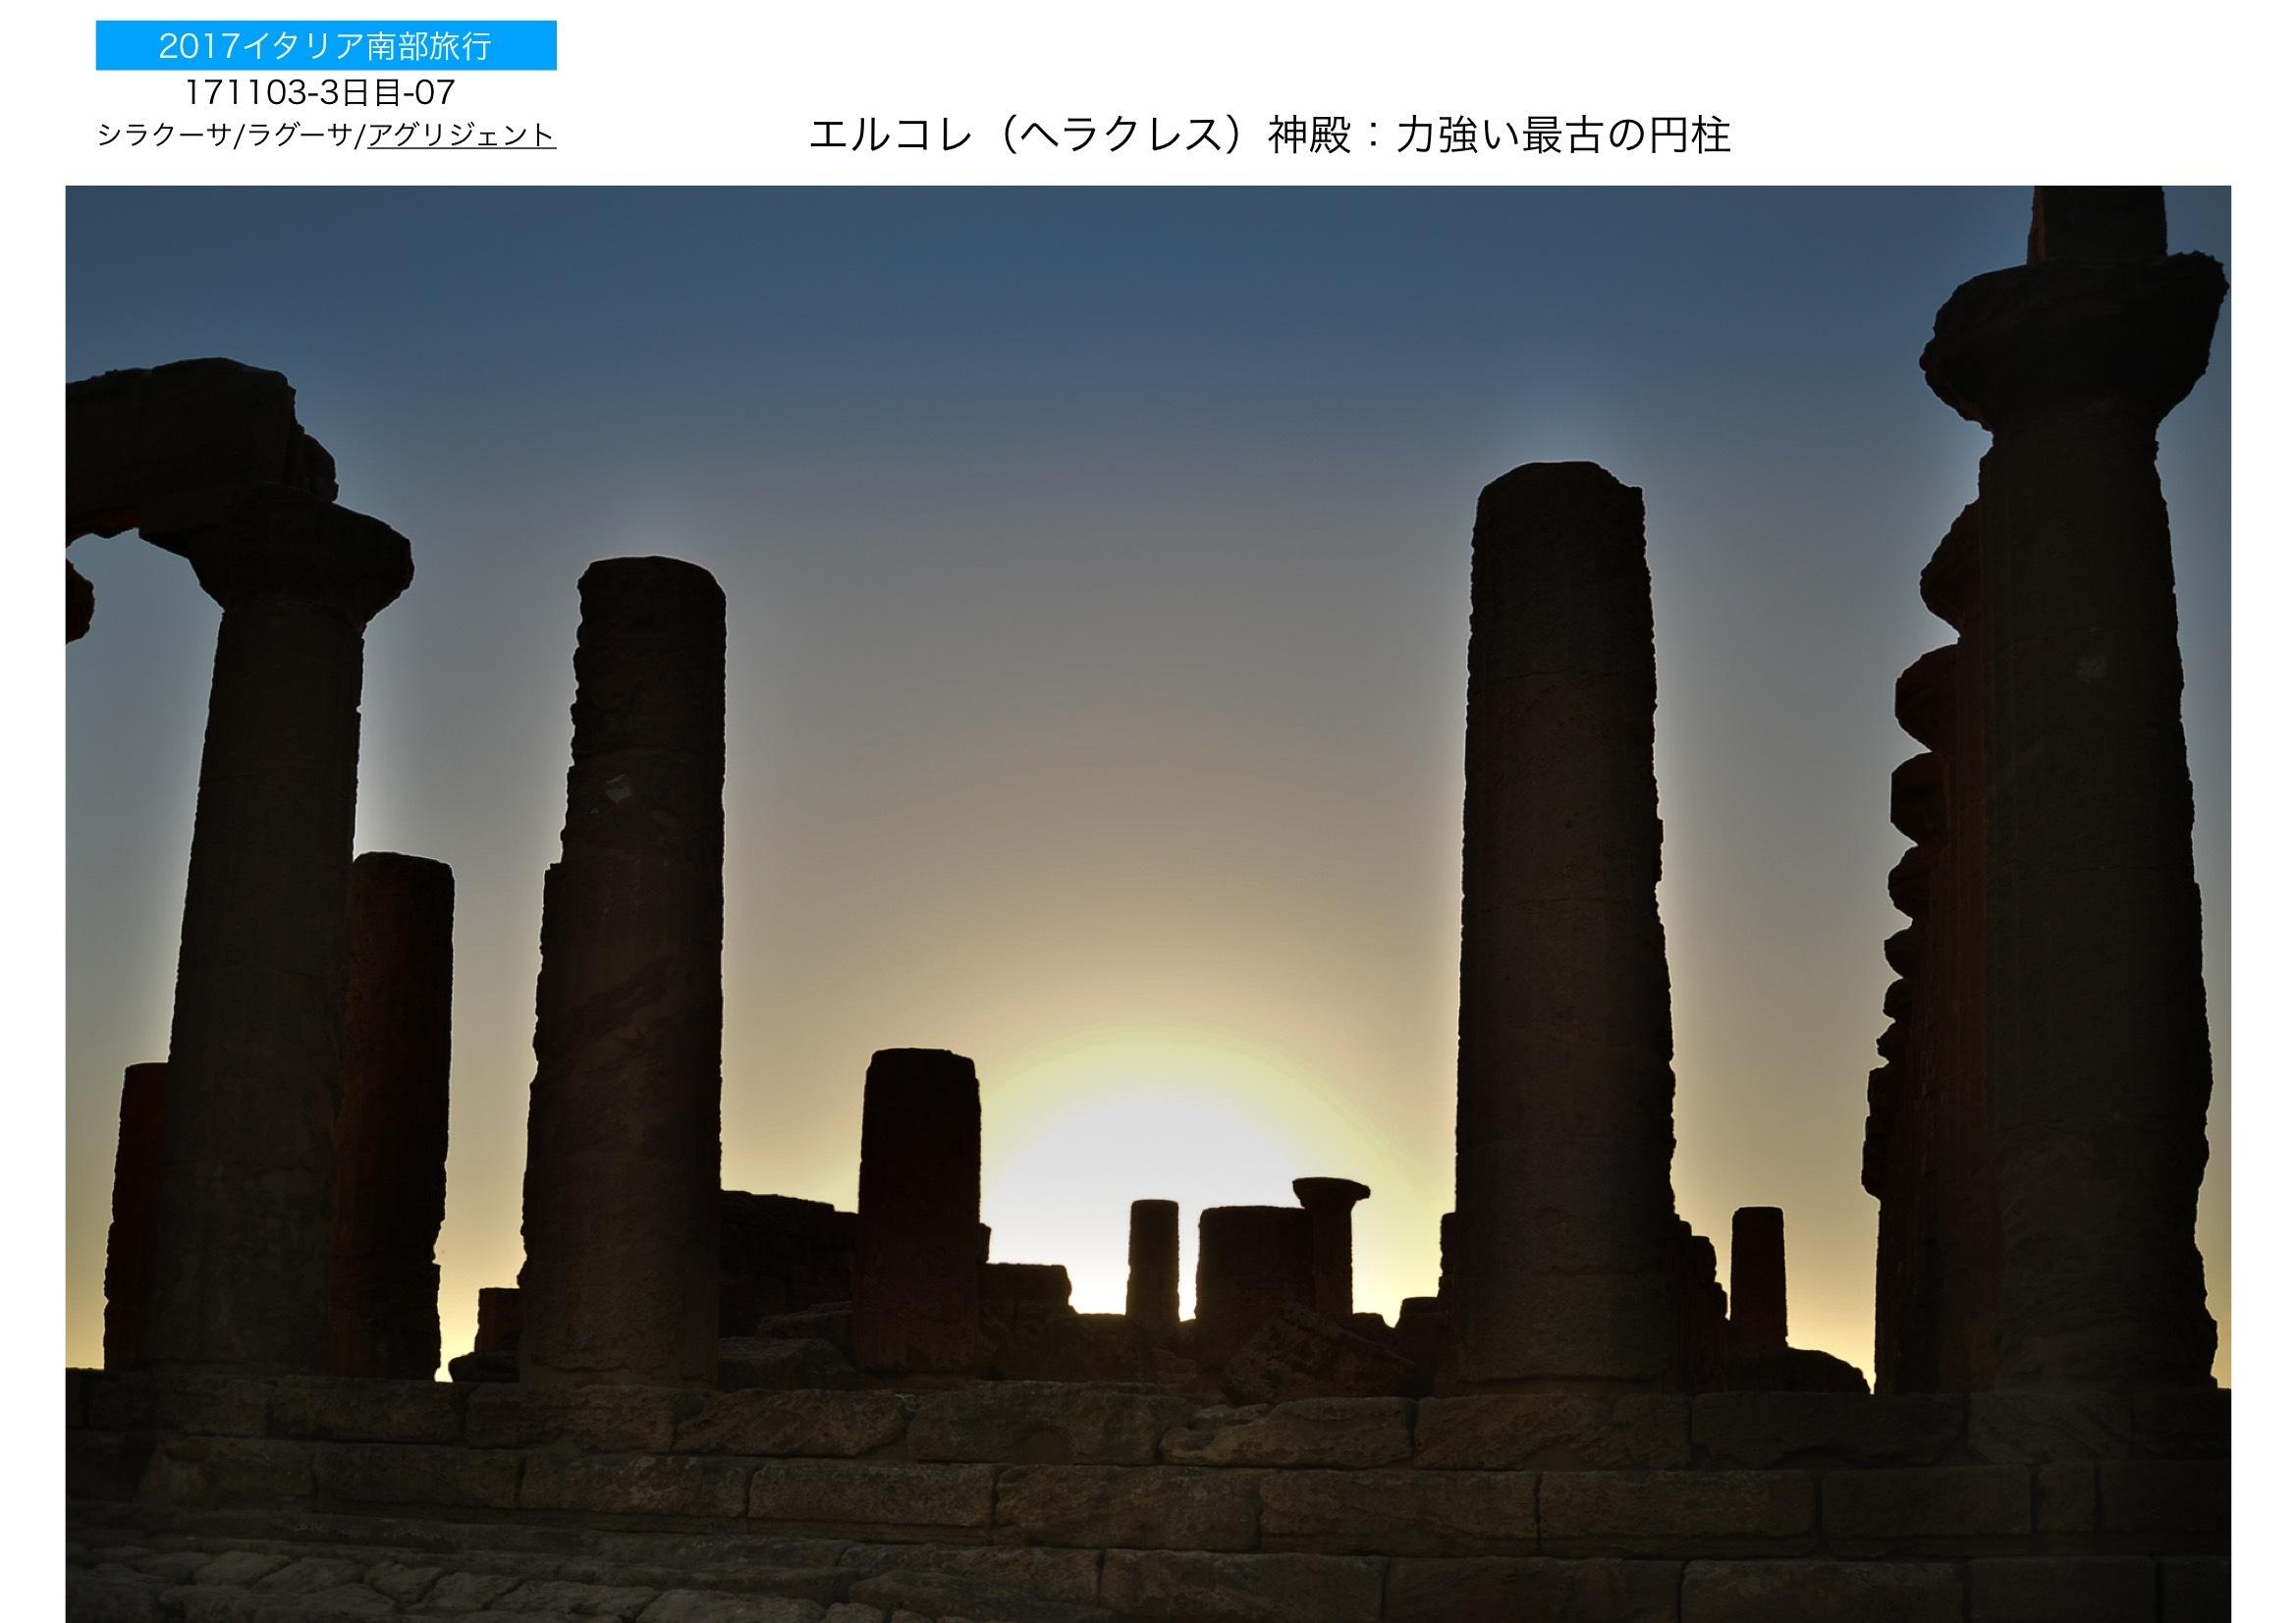 イタリア南部3000年の歴史遺構を訪ねて...3日目_f0099102_14453522.jpeg